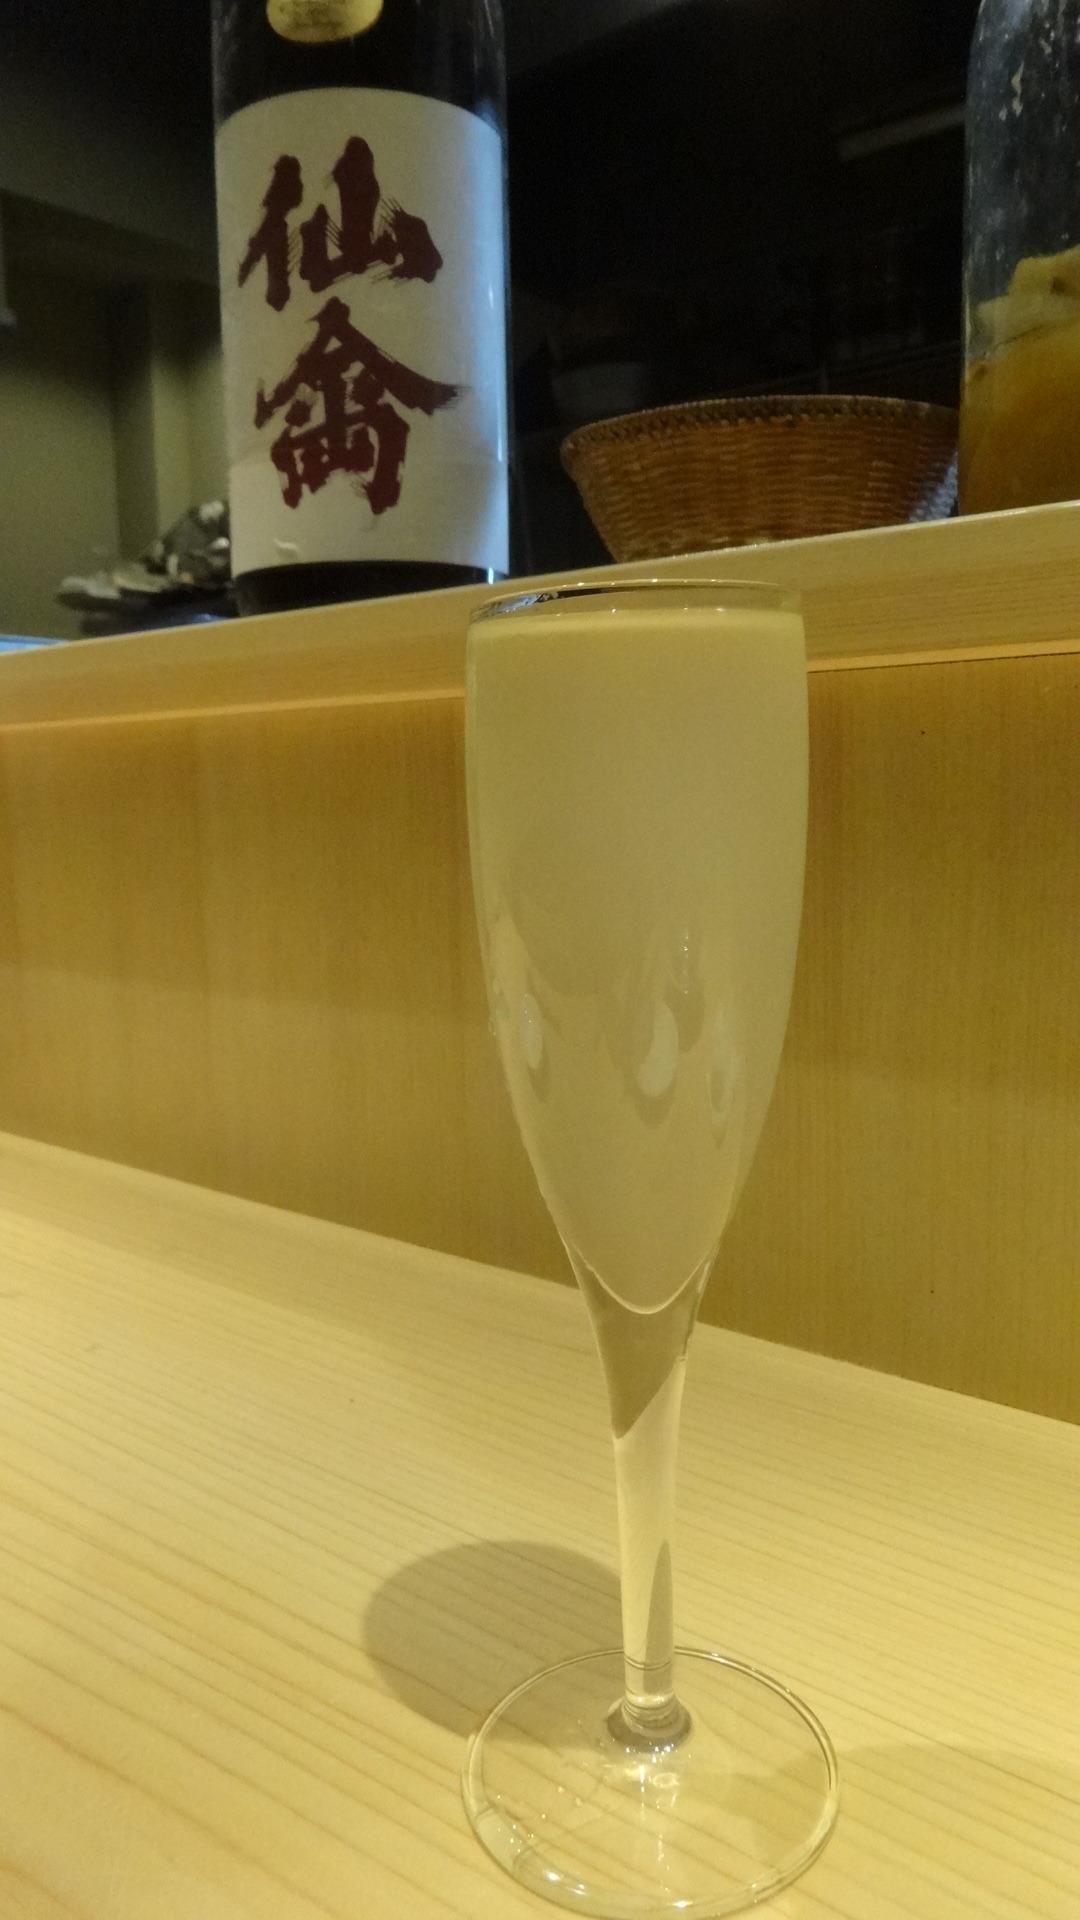 日本酒が注がれたフルートグラス